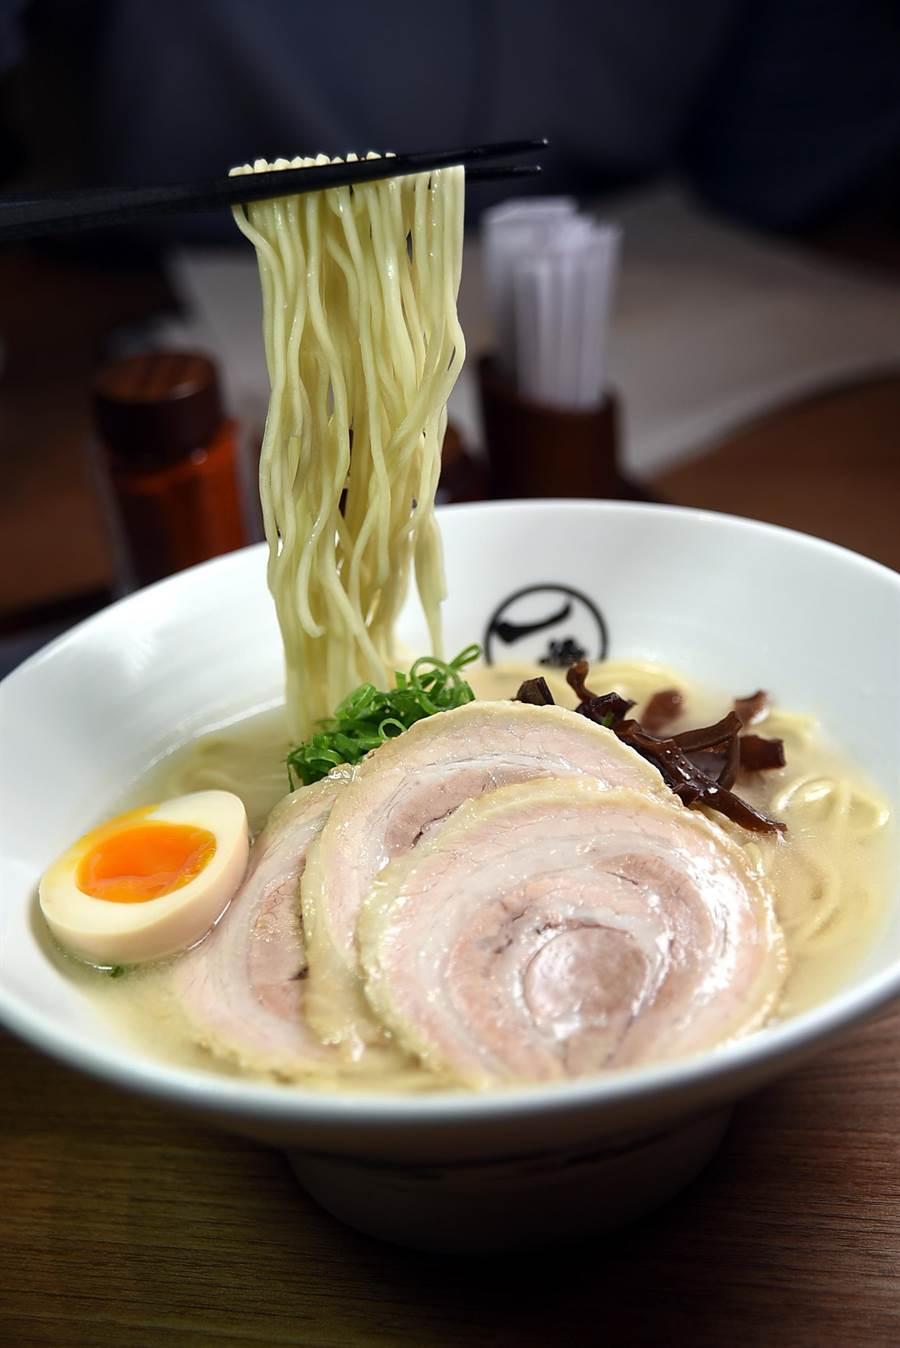 〈一燈白豚拉麵〉的湯頭是用豬骨熬煮14小時,湯色乳白、喝後會黏嘴,代表湯內質富含膠質。(圖/姚舜攝)